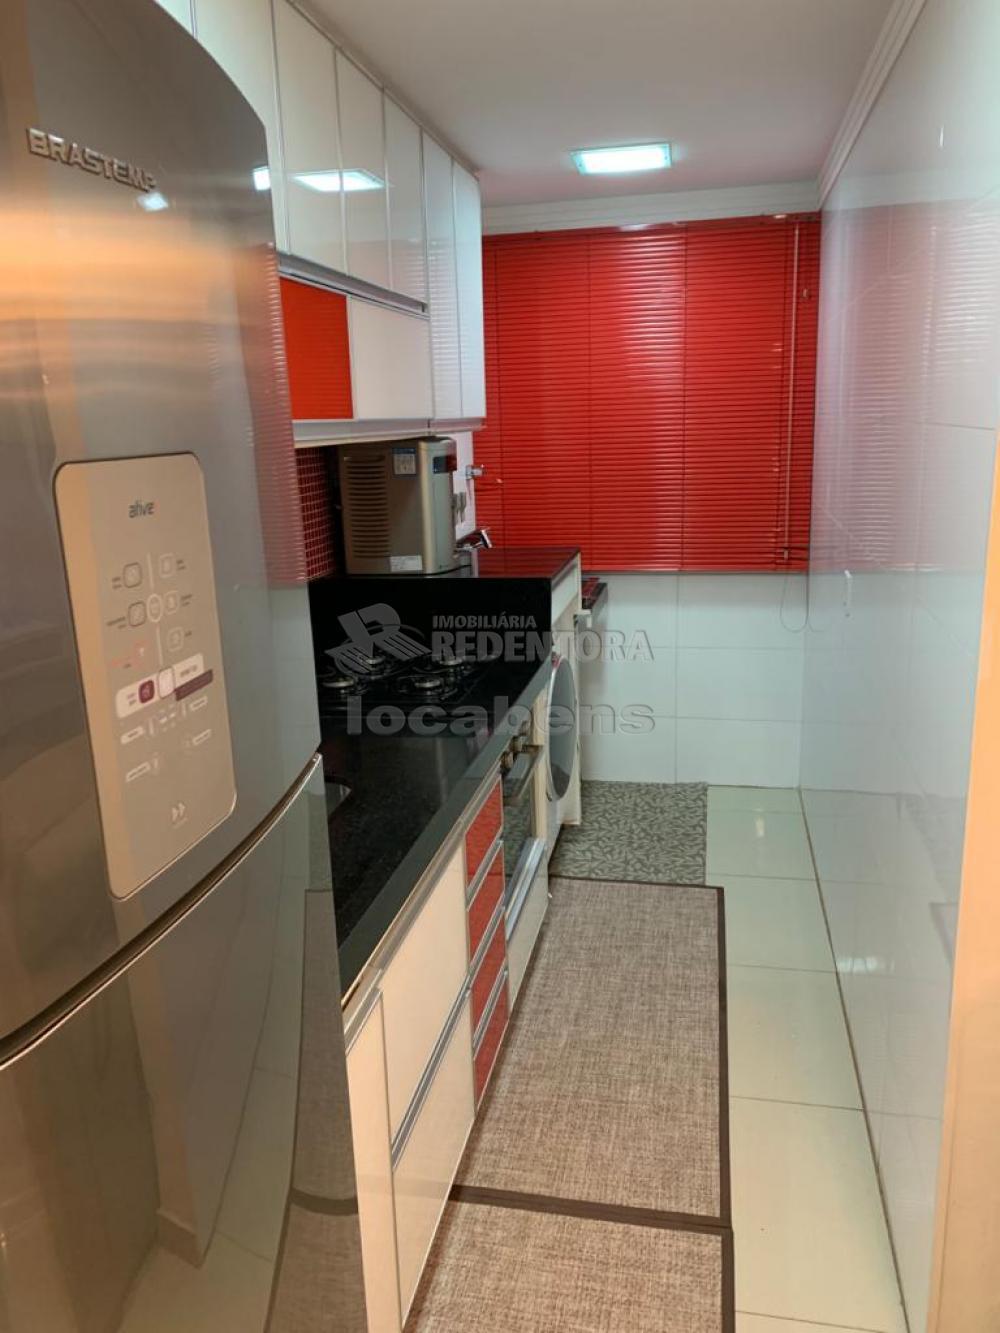 Comprar Apartamento / Padrão em São José do Rio Preto apenas R$ 230.000,00 - Foto 30